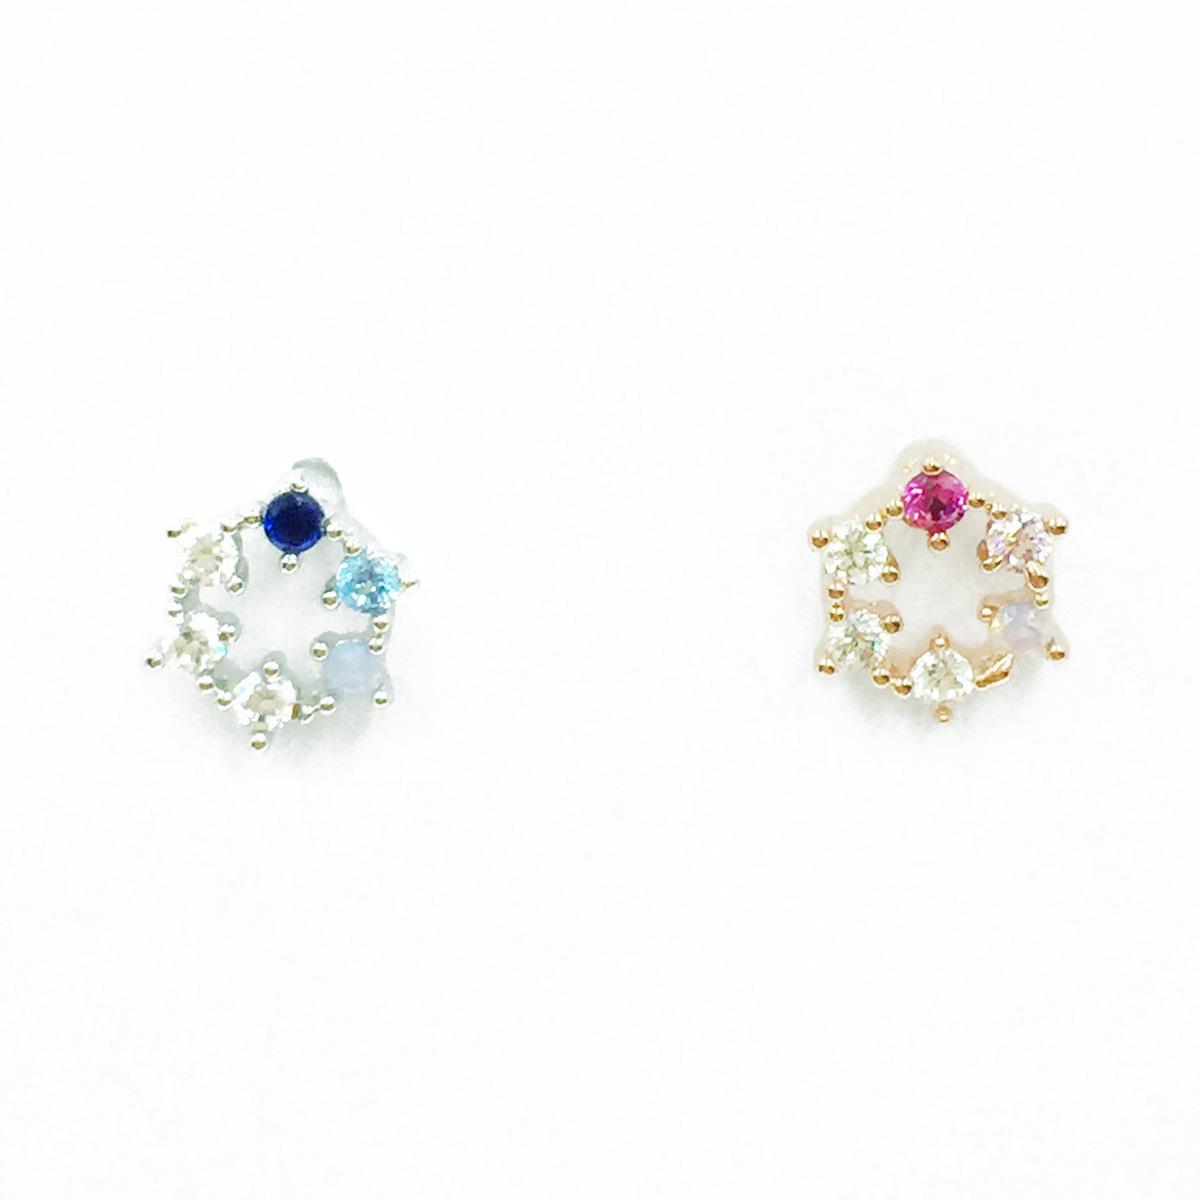 韓國 不鏽鋼 水鑽 漸層 2色 單支後轉 耳針式耳環